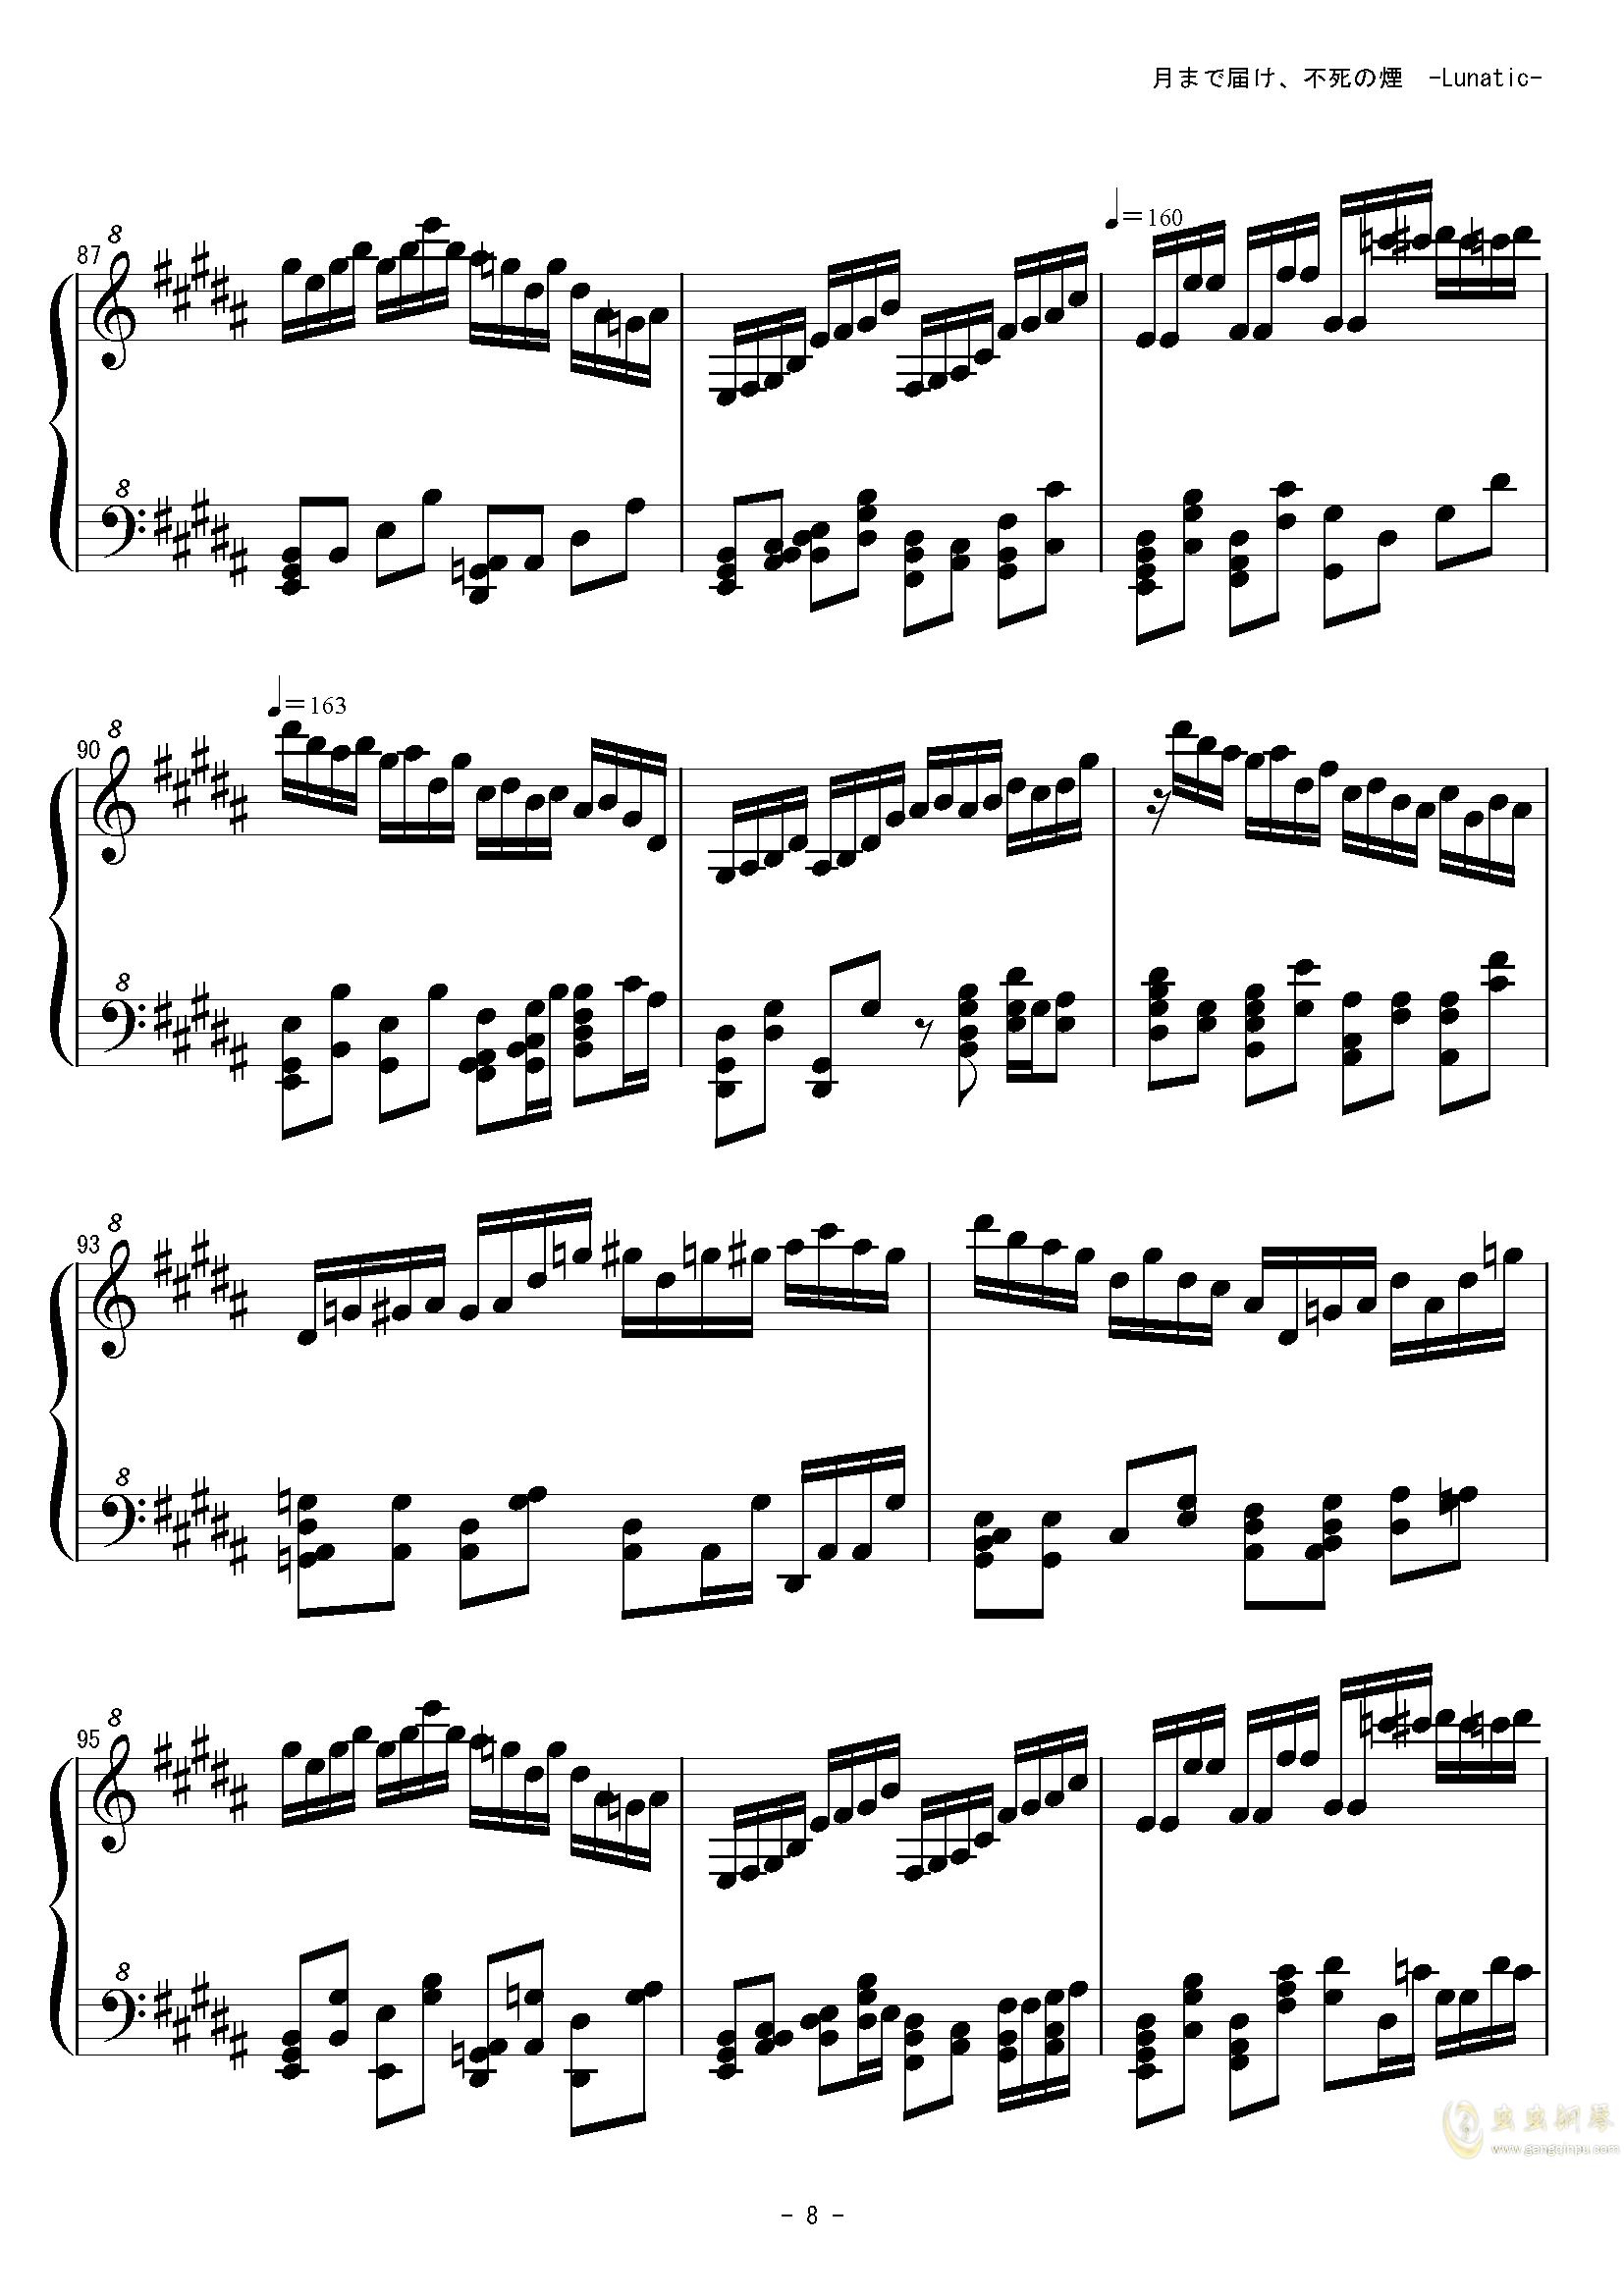 飘上月球、不死之烟钢琴谱 第8页